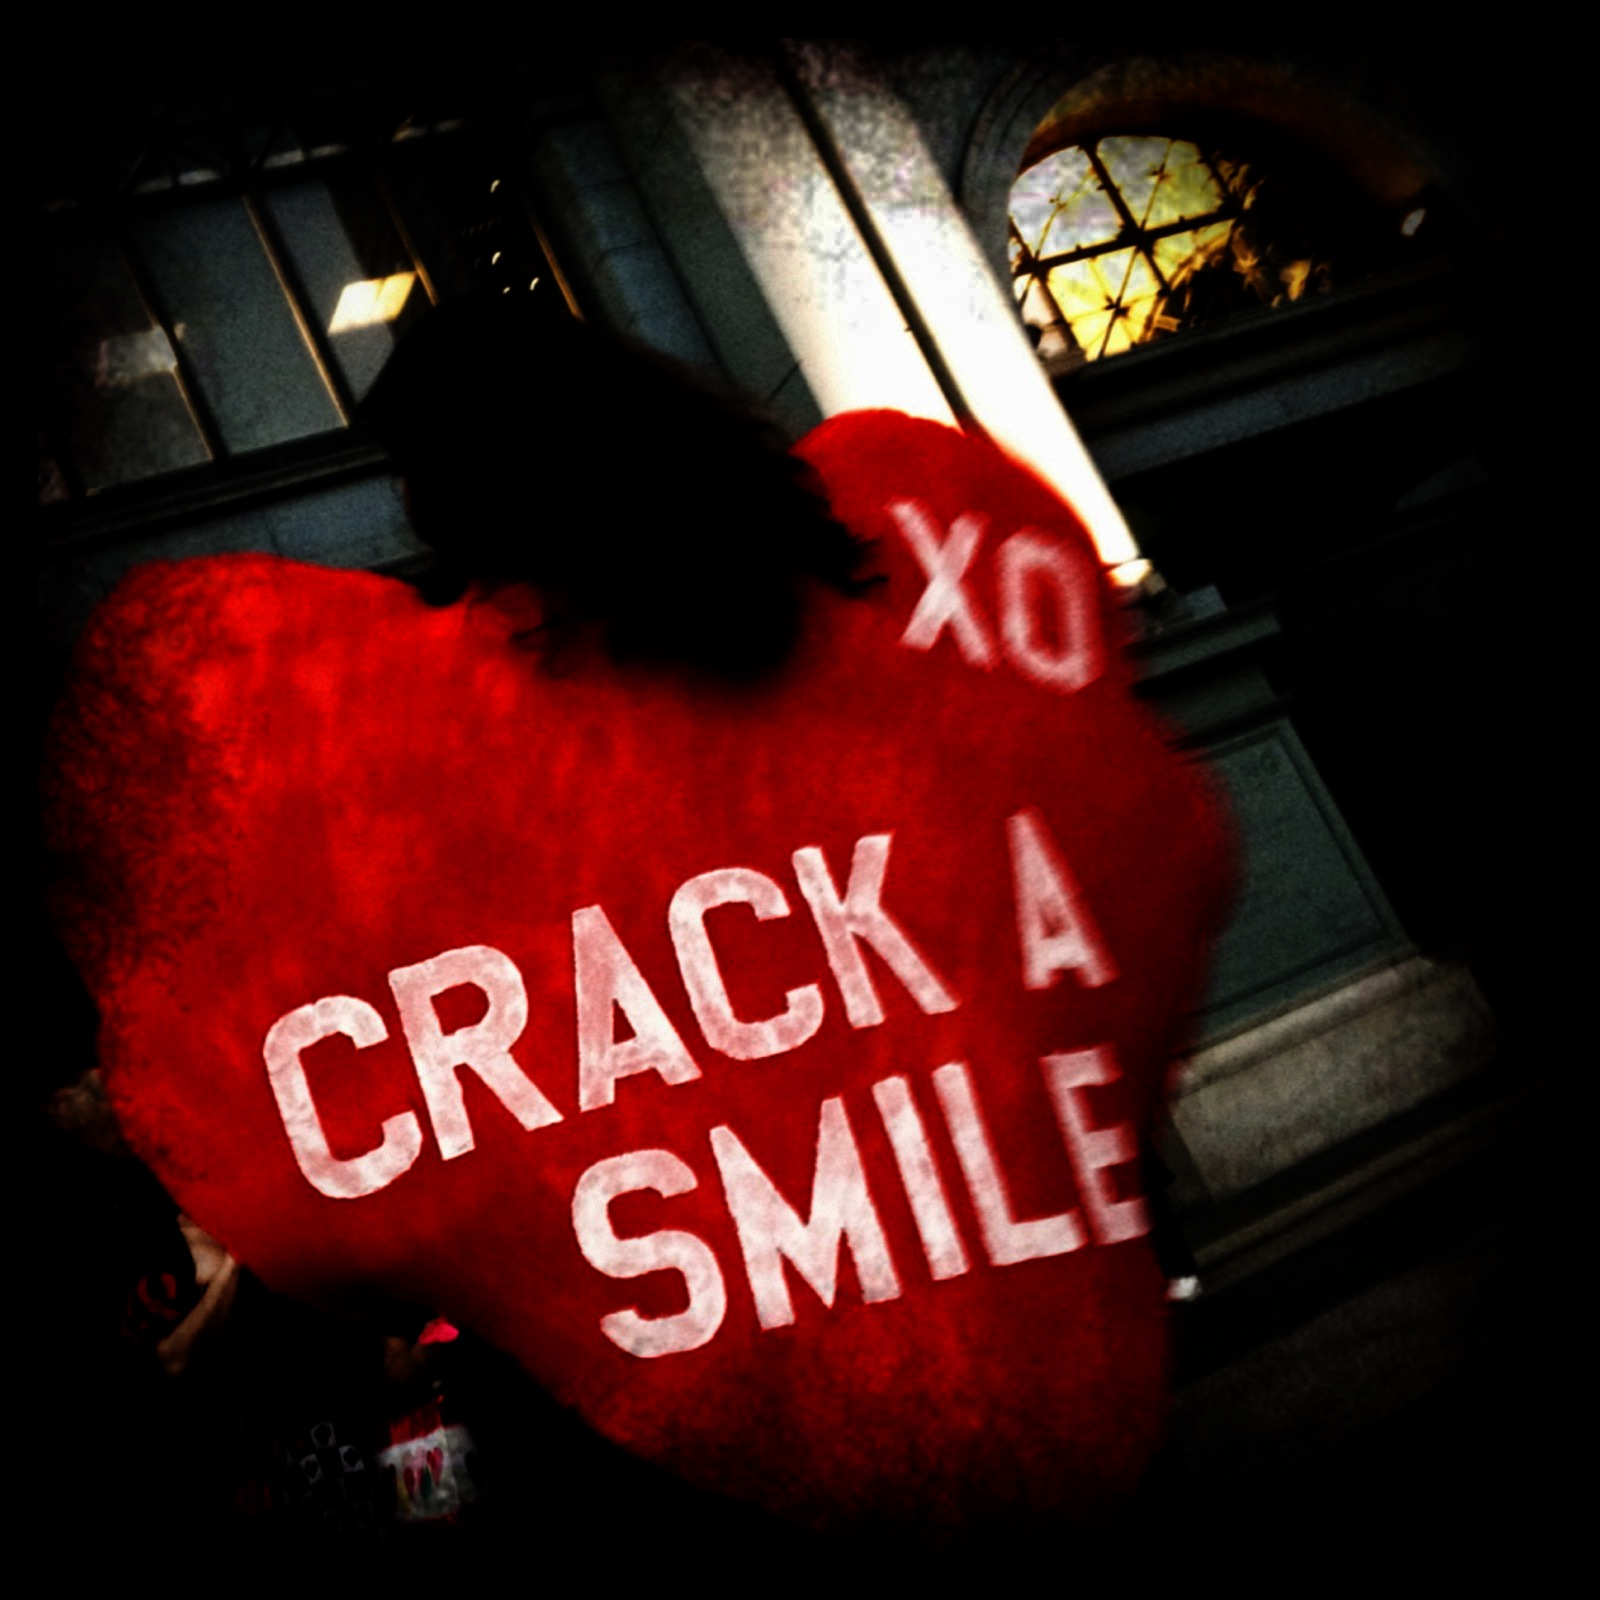 Crack A Smile!